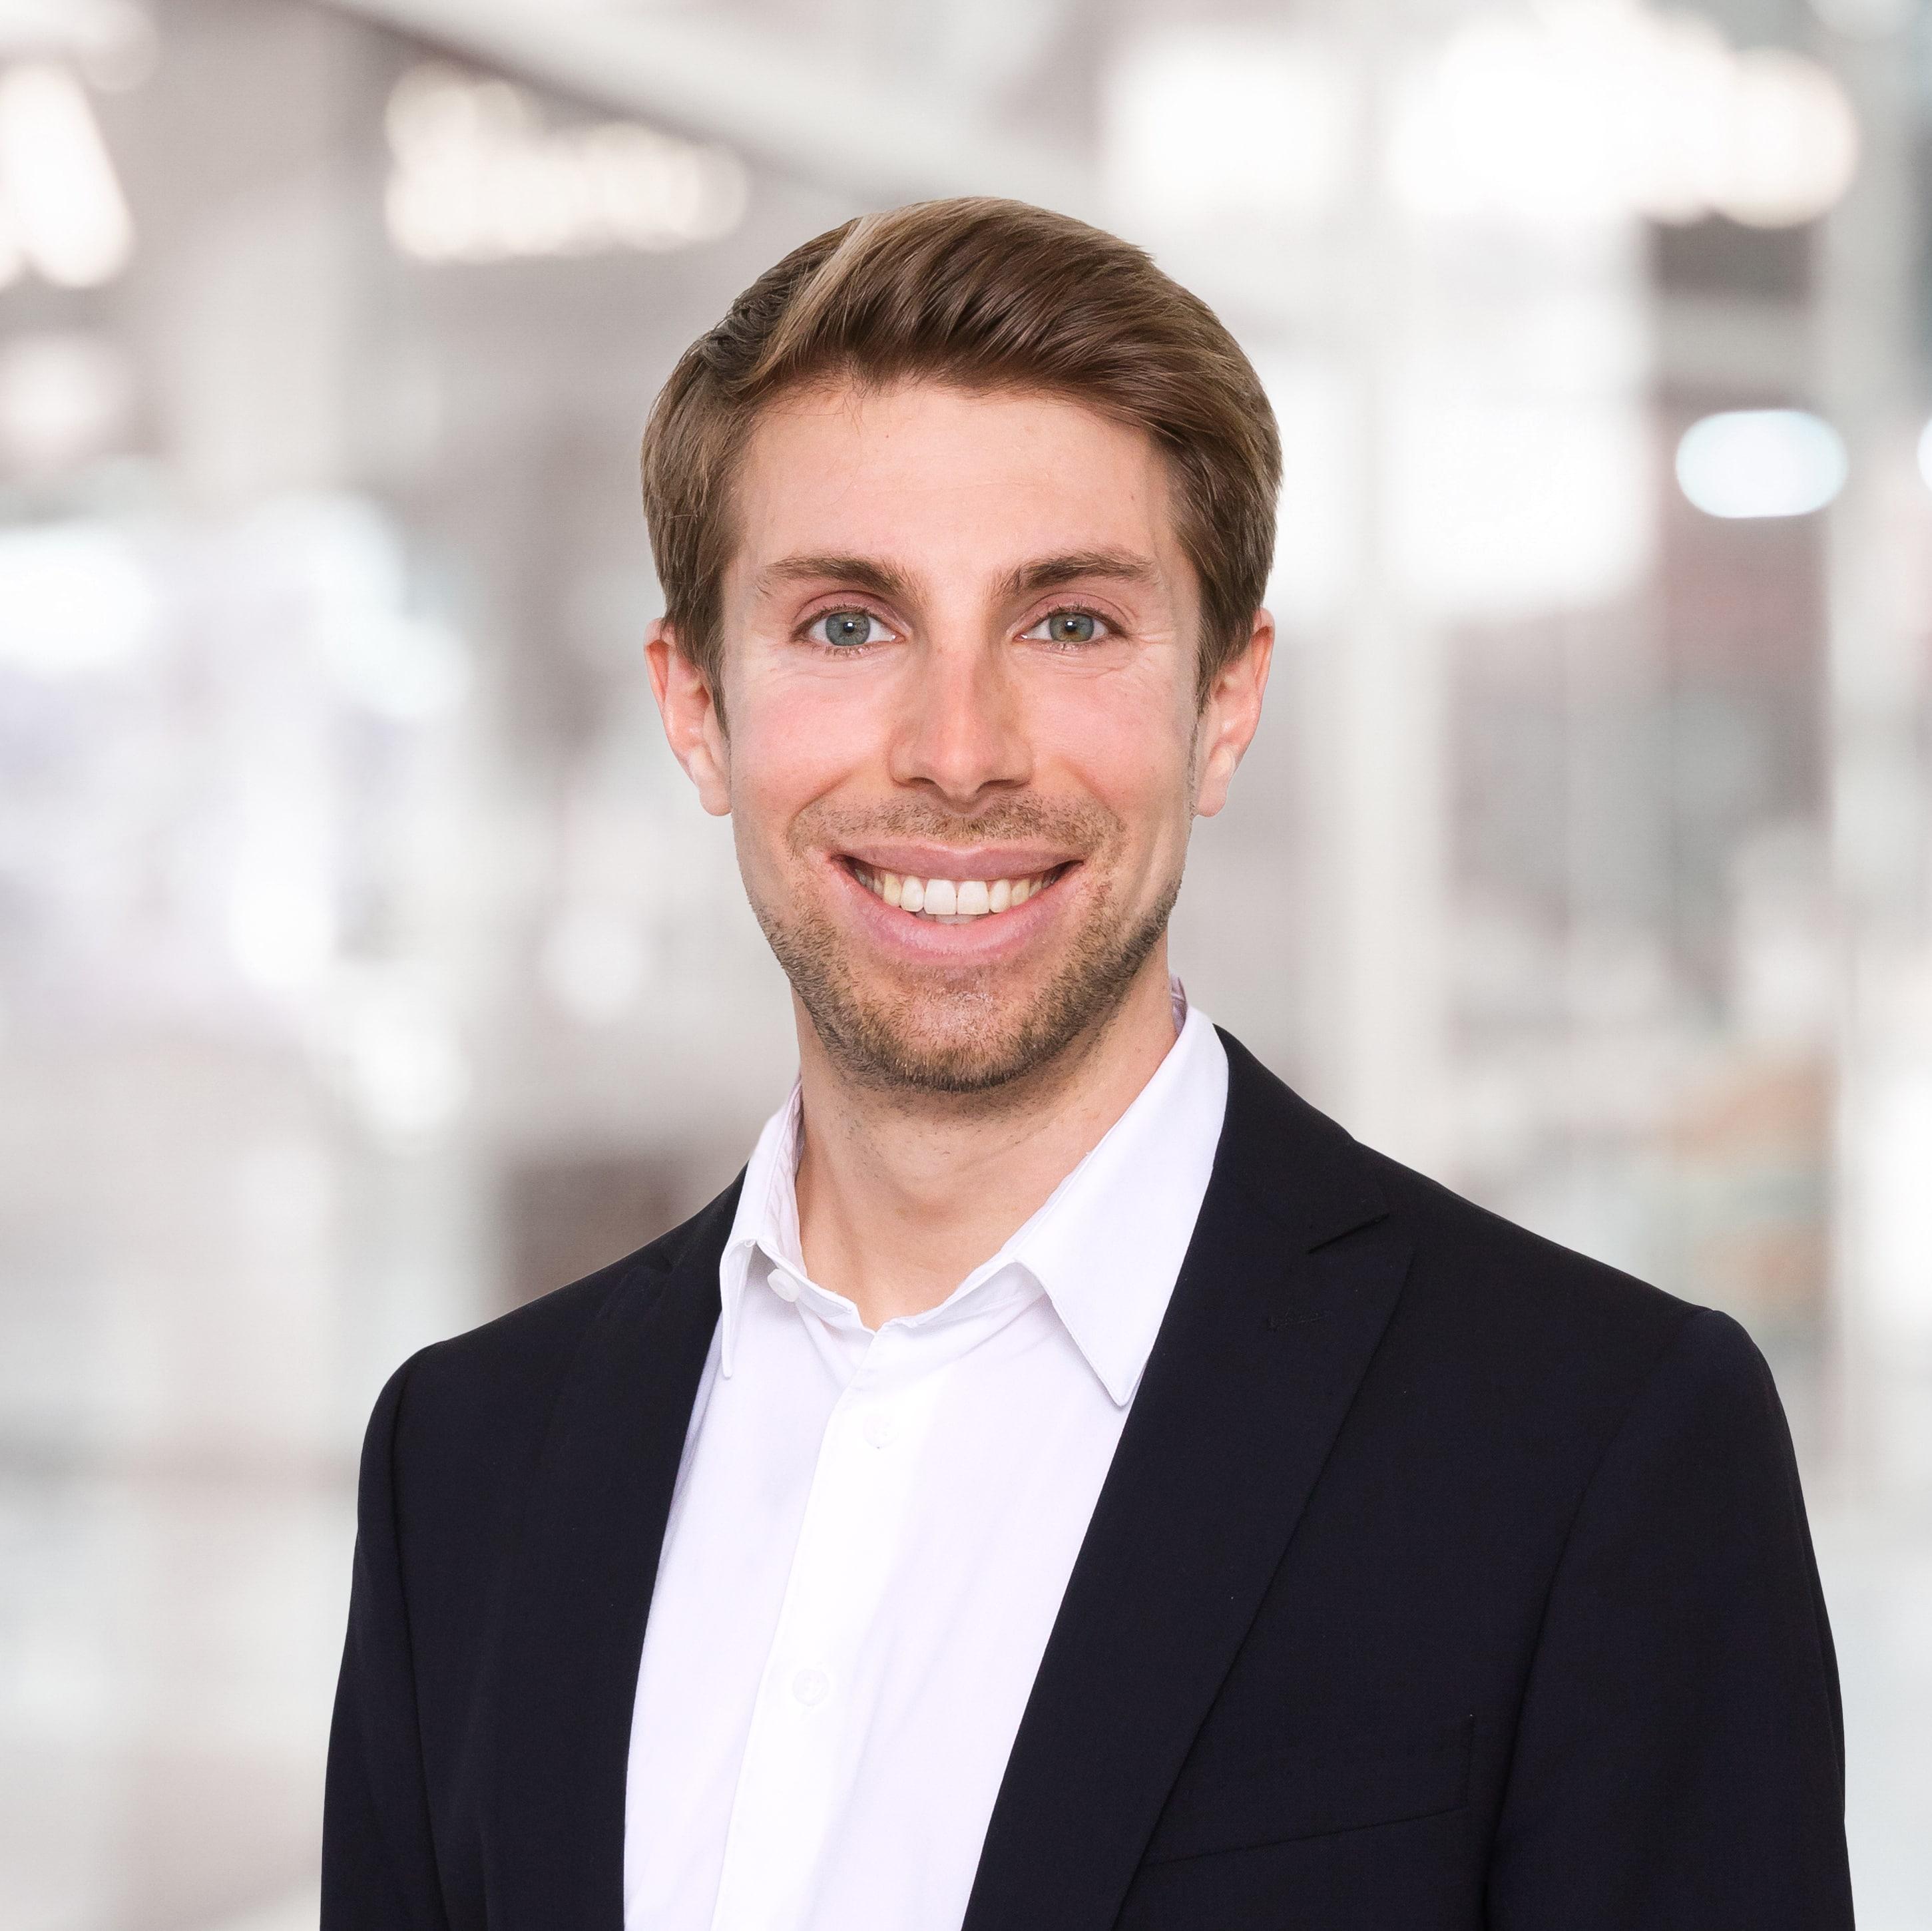 Stefan Maierhöfer